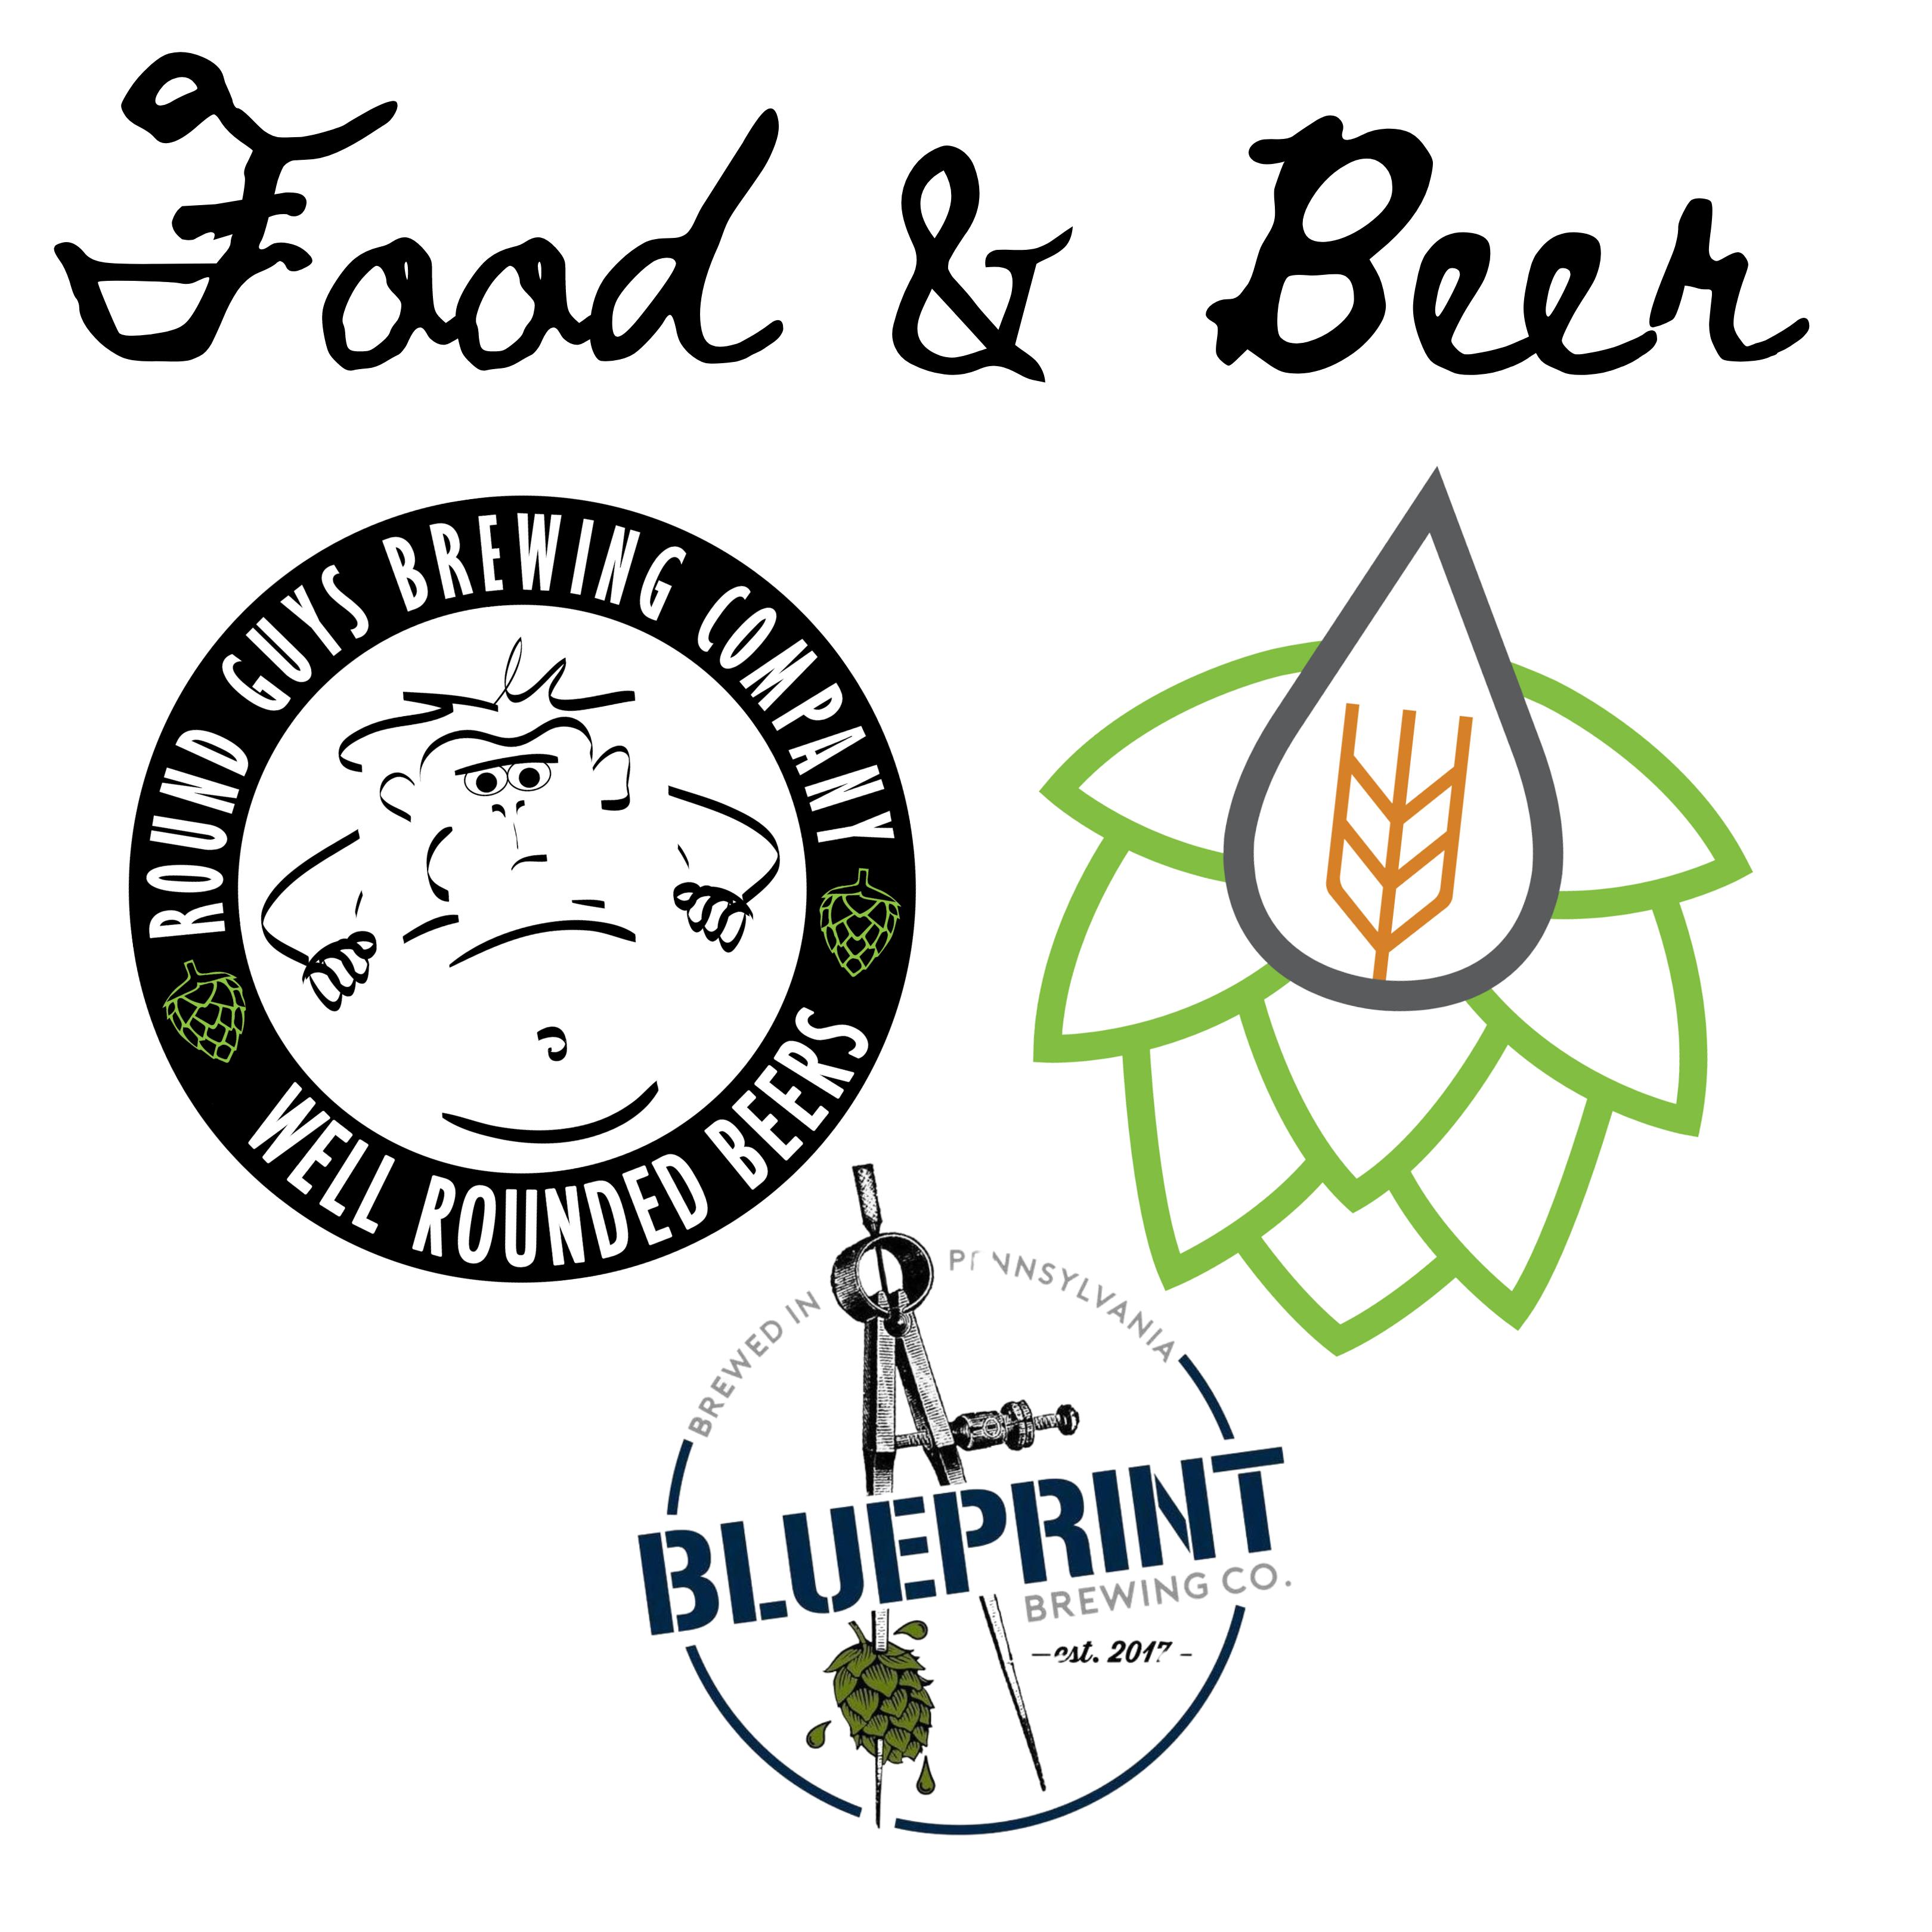 Beer & Food vendors for the Lansdale Punk Rock Flea Market!